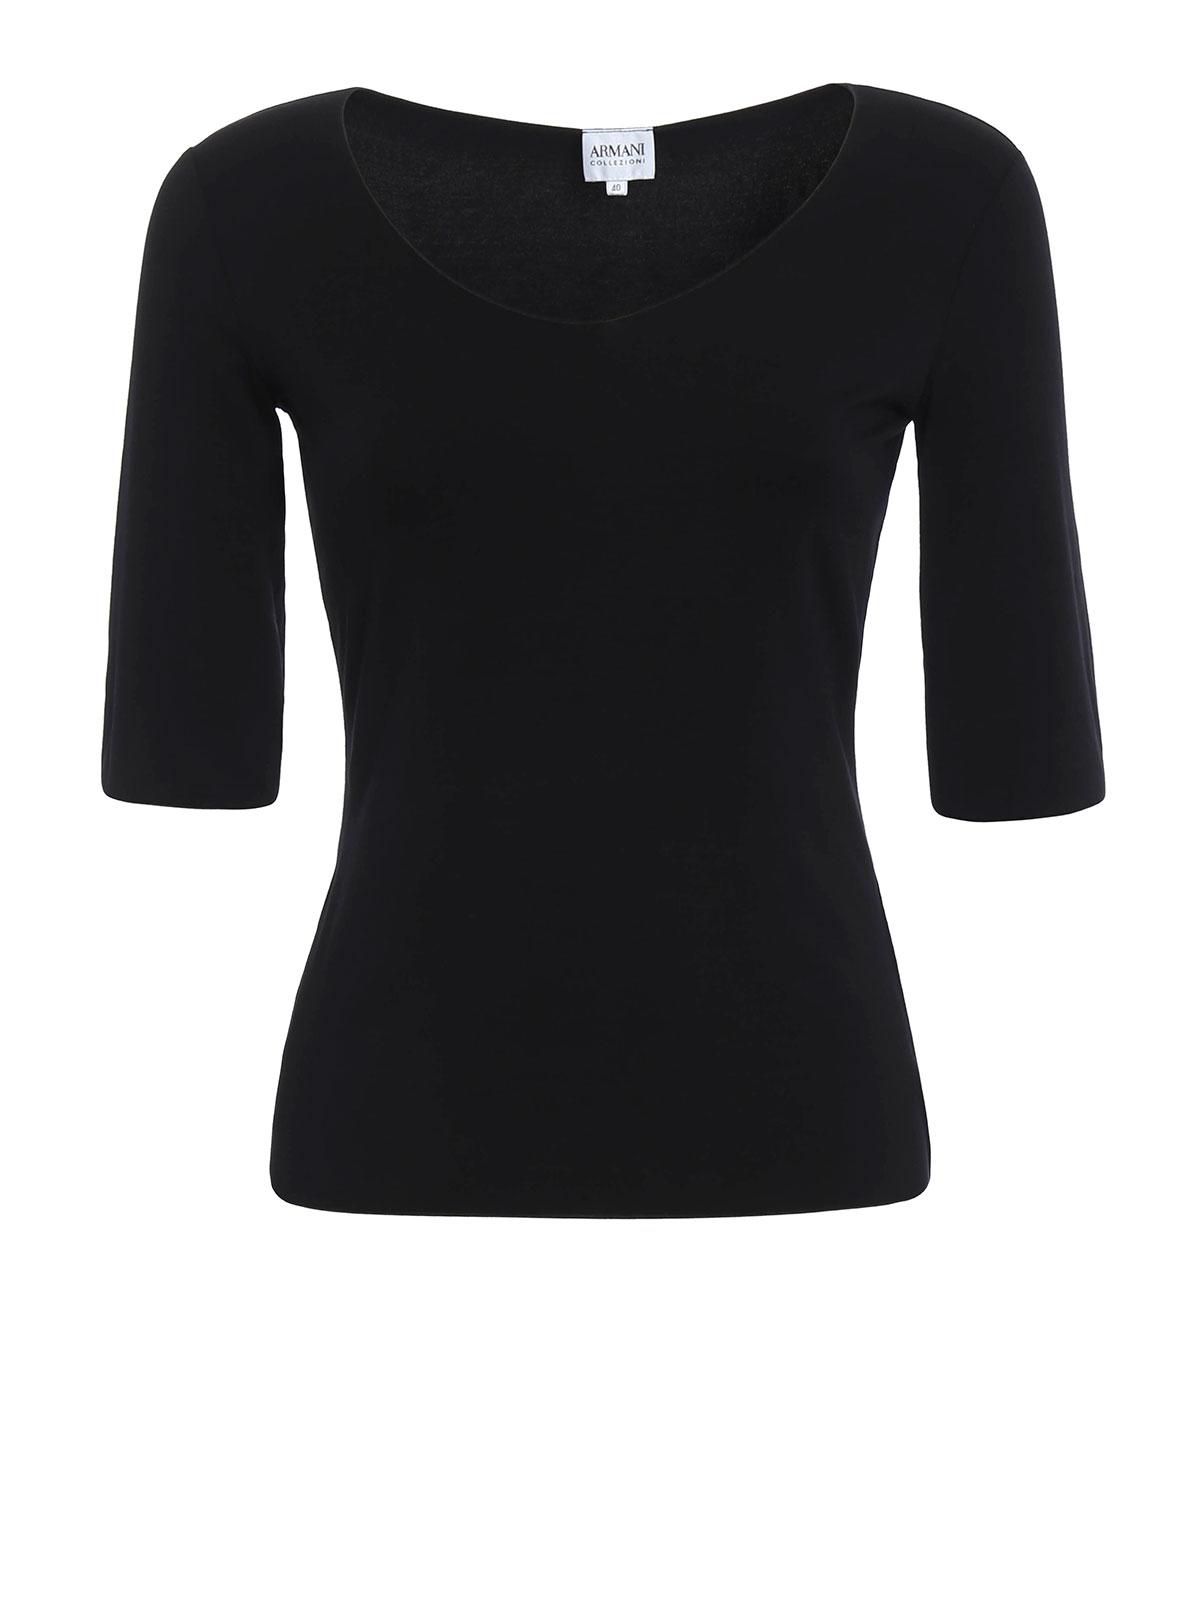 Armani Collezioni - T-Shirt Noir Pour Femme - T-shirts - 6XMM51 ... e203fc9a0b5